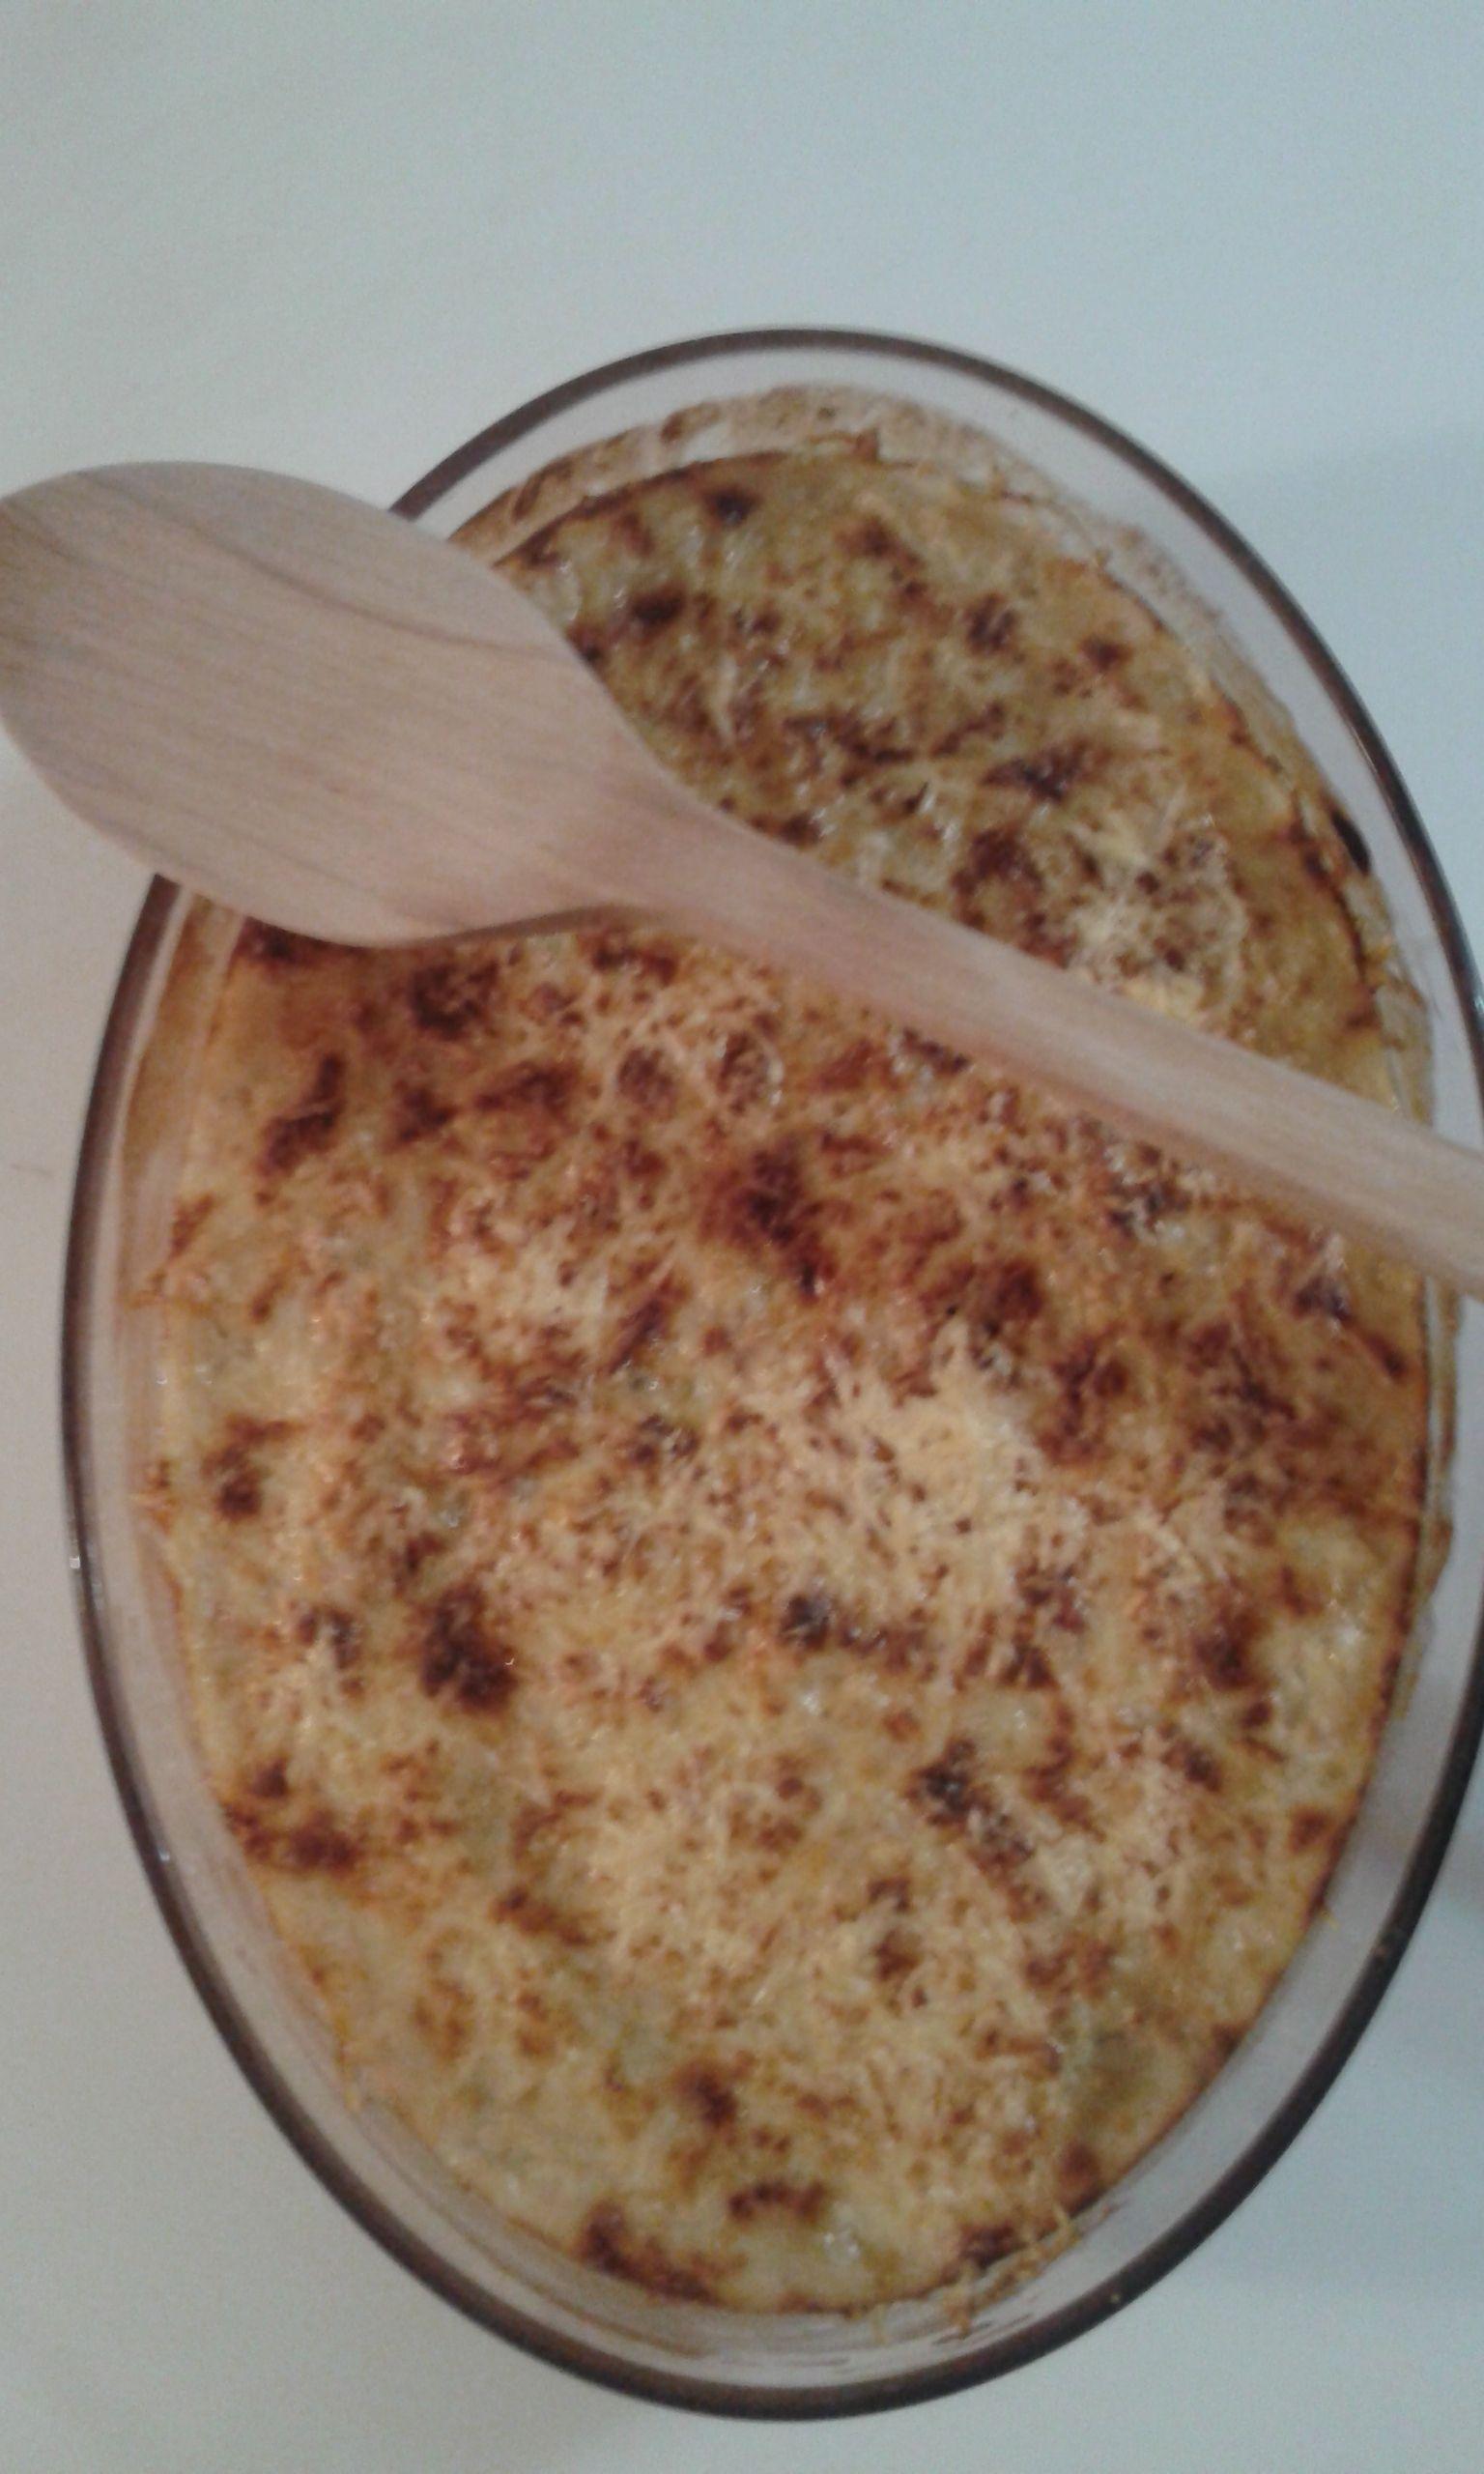 Gratin de chou blanc aux lardons oignon et gruyère rapé